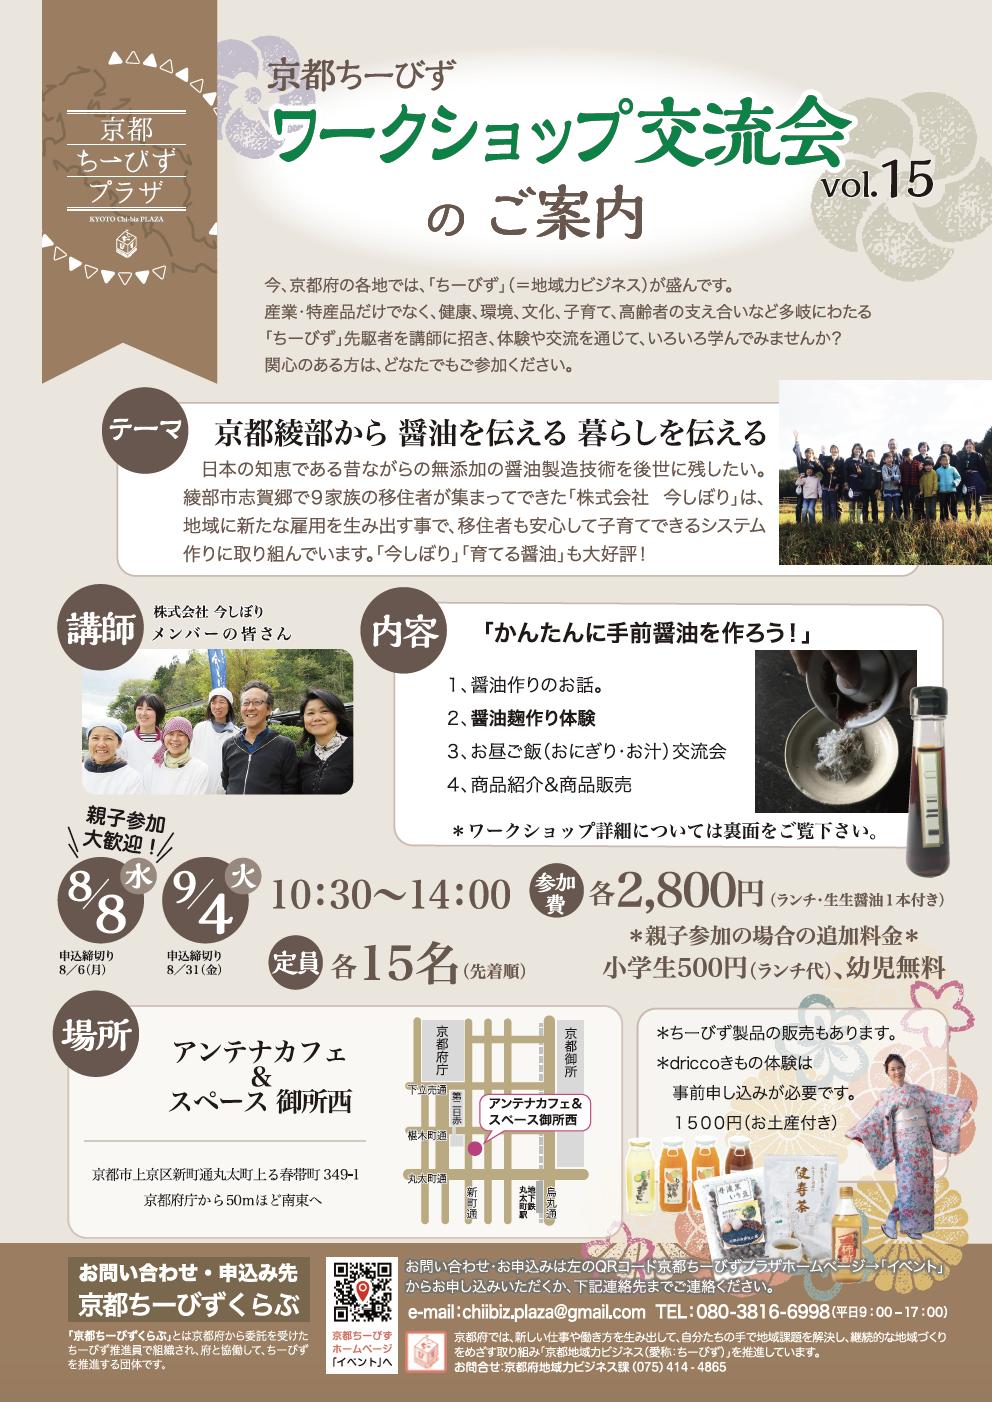 【第3回】京都綾部から 醤油を伝える 暮らしを伝える